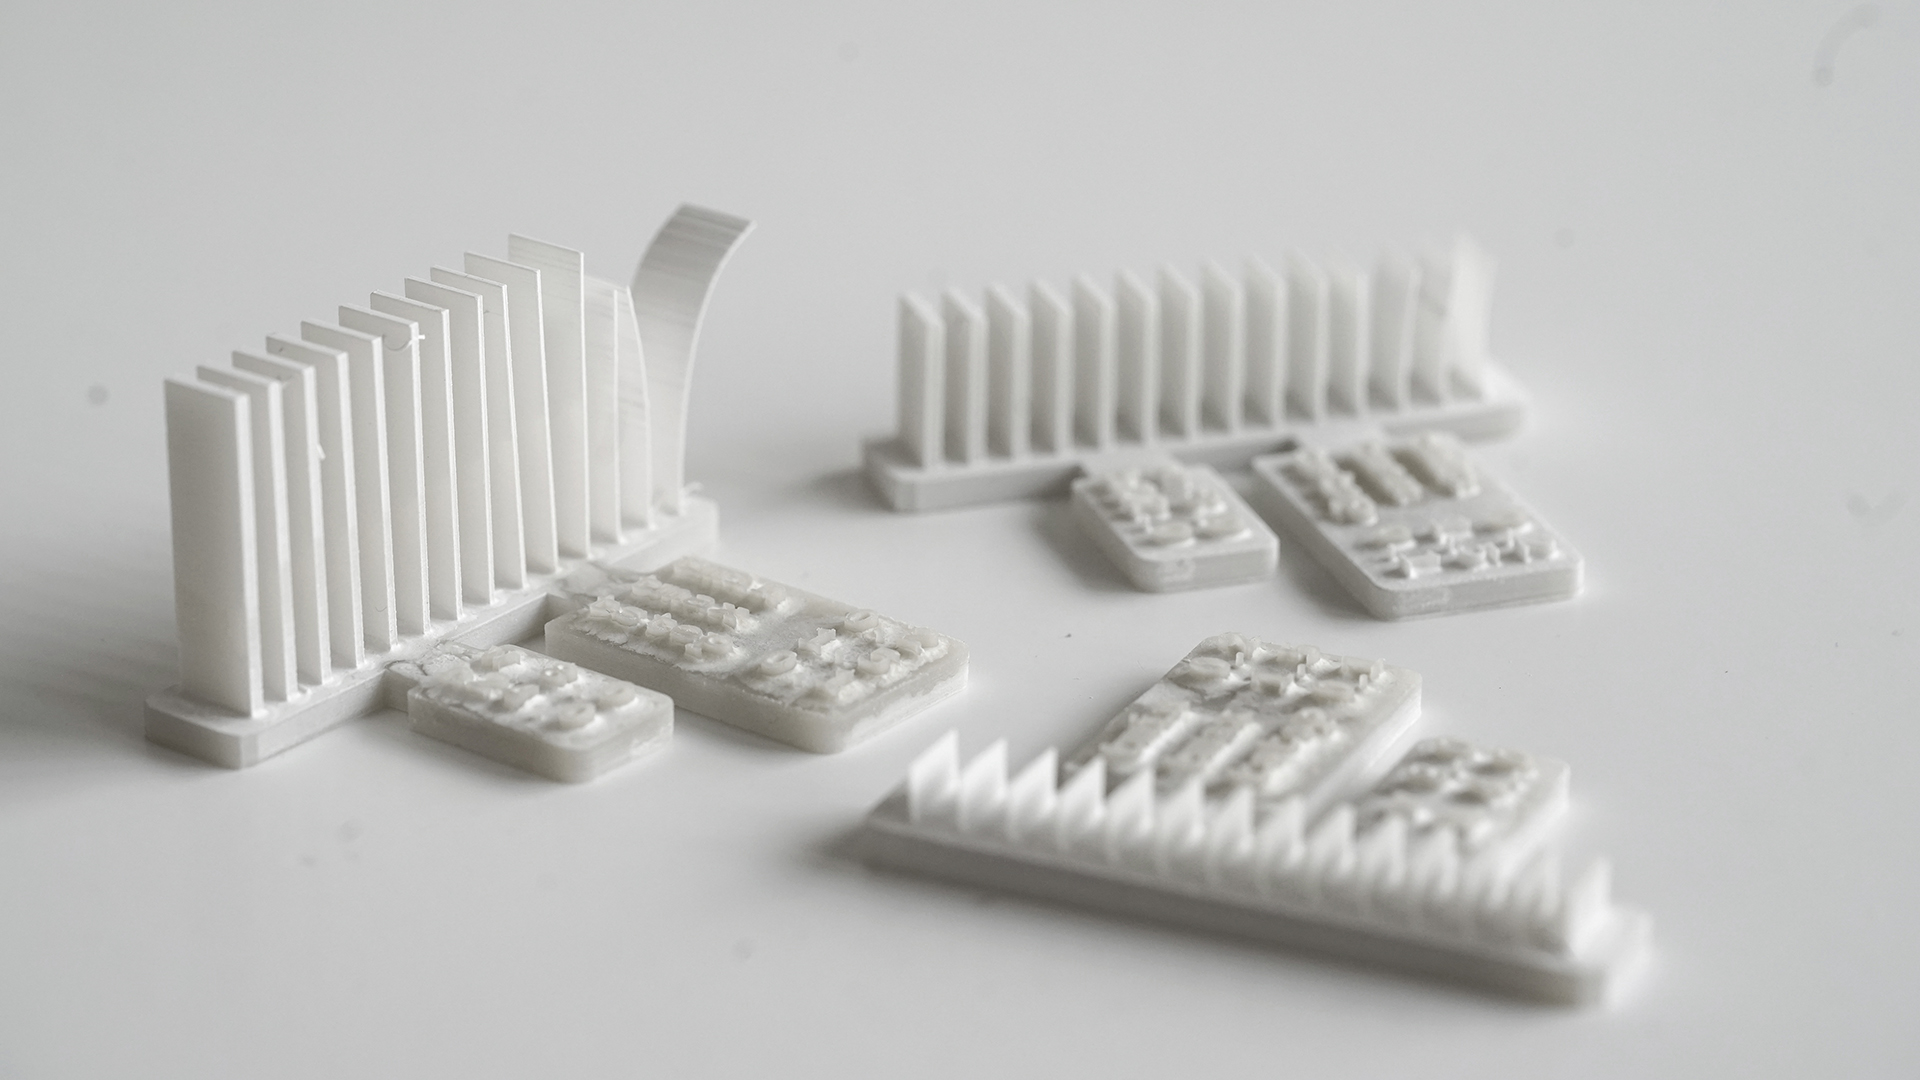 Gedruckter und getrockneter Probekörper zur Ermittlung von Parametern für ungestützte Wände mit schlanker Breite